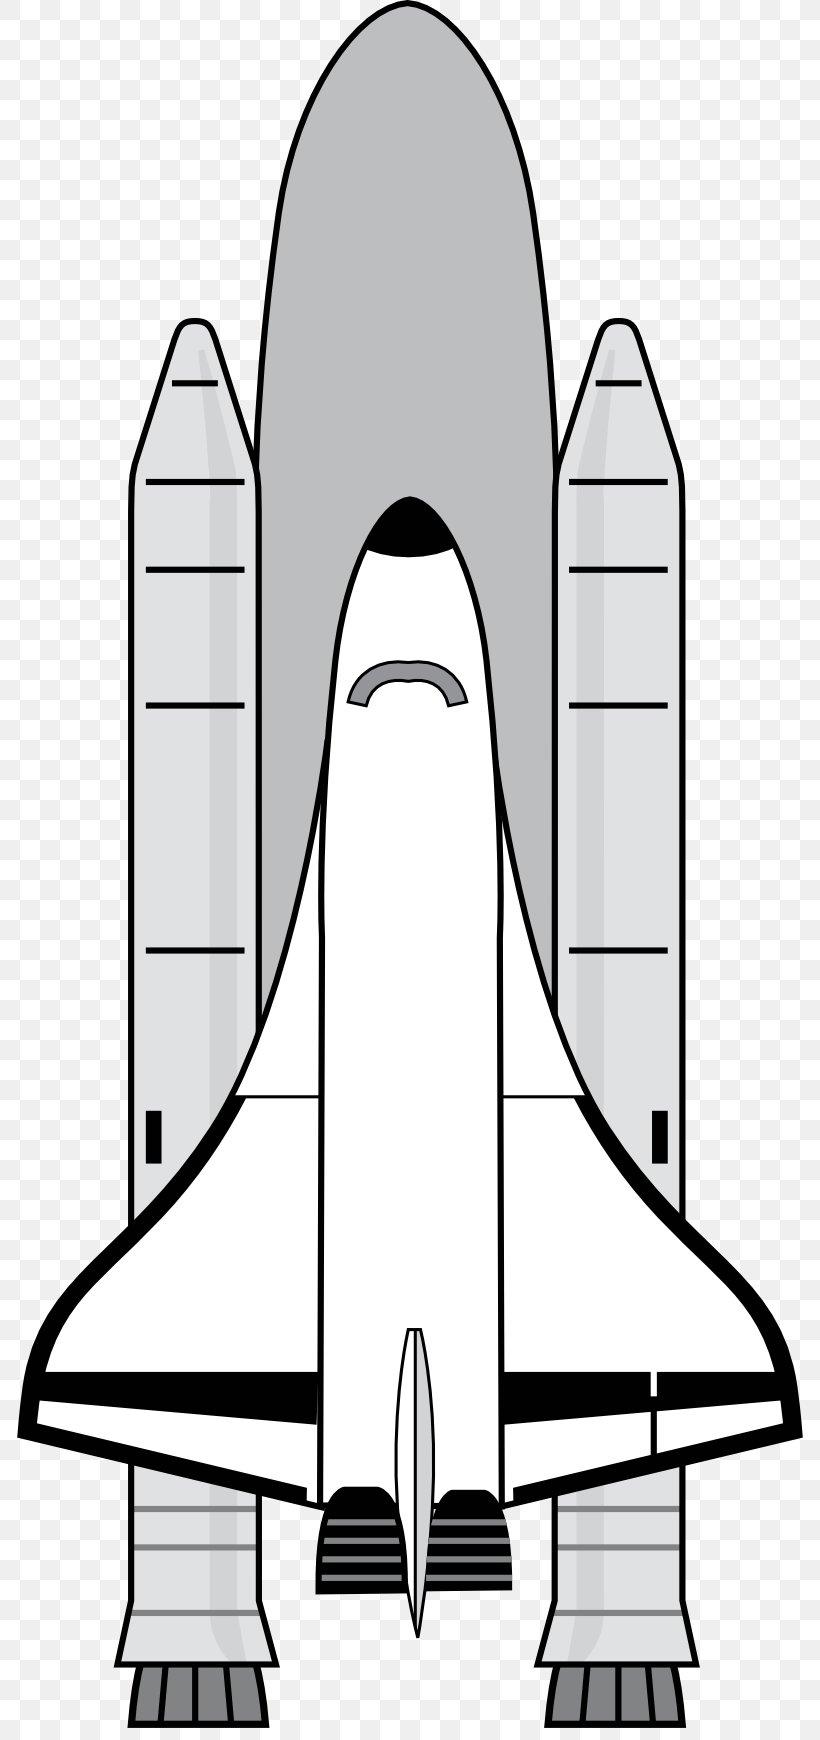 Space Shuttle Program Clip Art, PNG, 800x1740px, Space.